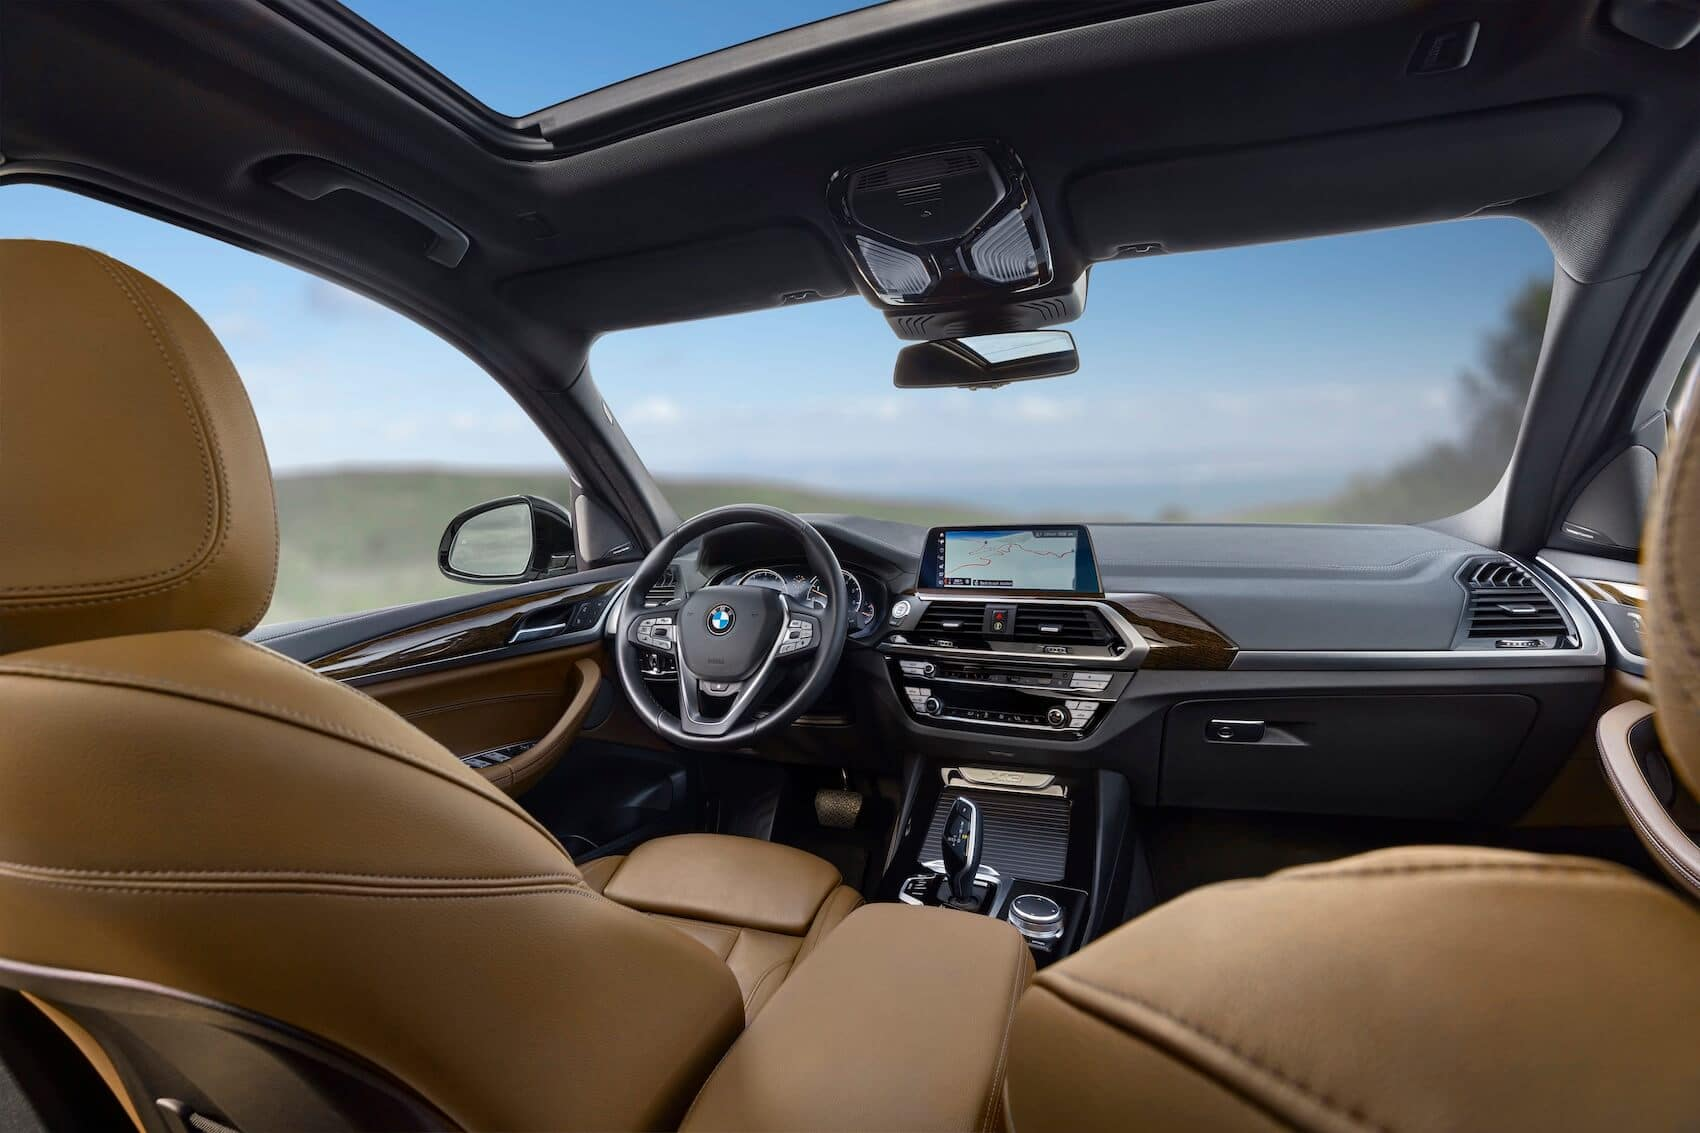 BMW X3 vs X5 Tech